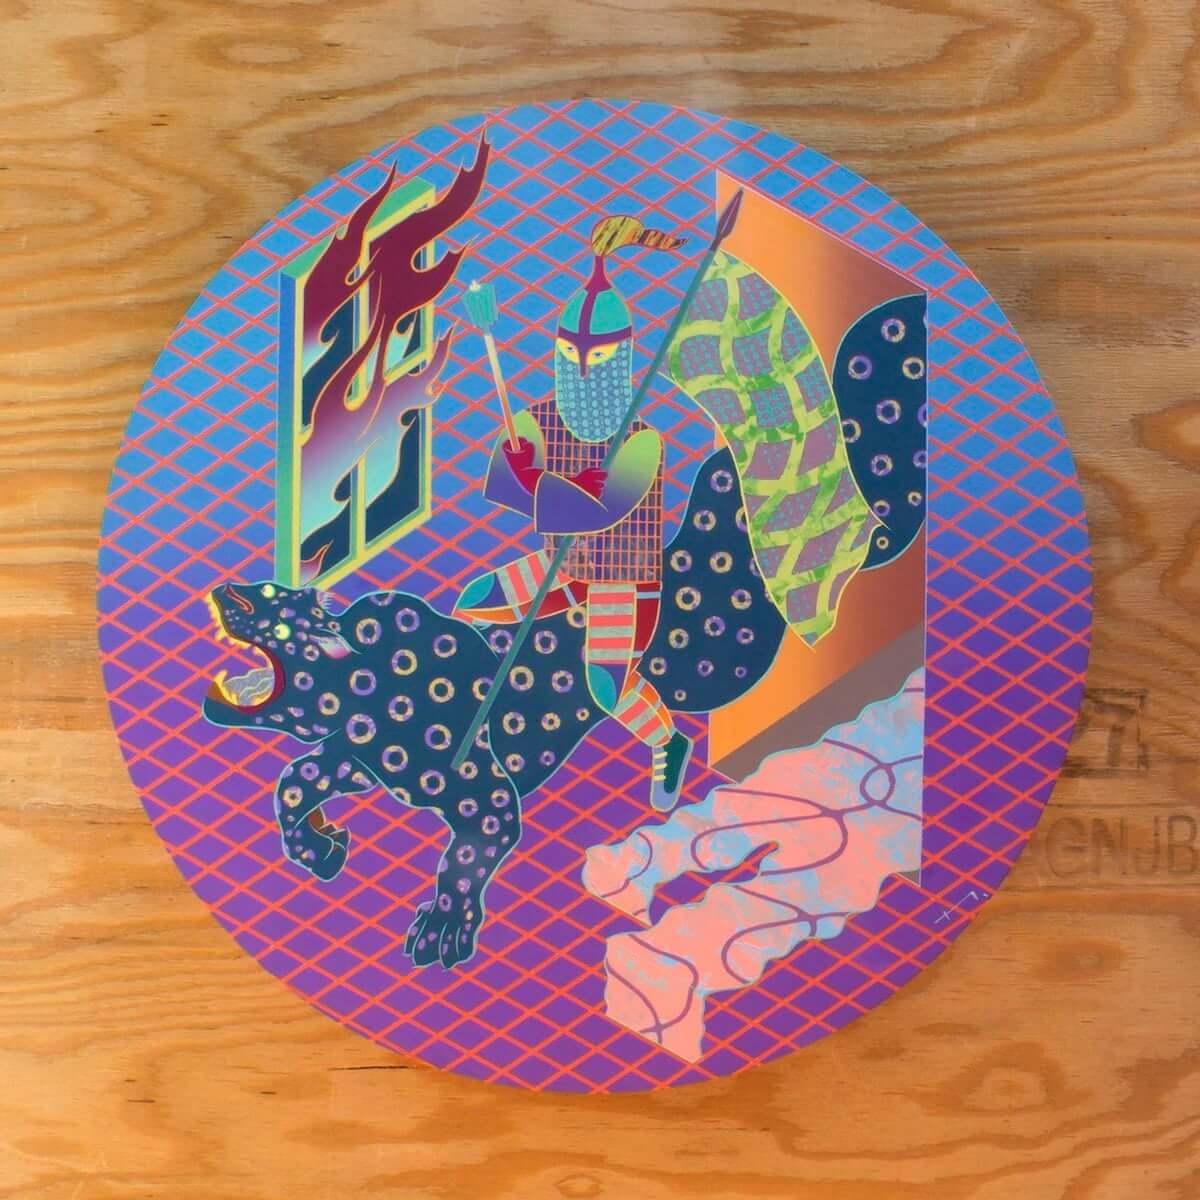 一林保久道が新作個展「melee close in」を半蔵門ANAGRAで開催 art-culture181115-anagra-hokuto-ichibayashi-melee-close-in-5-1200x1200